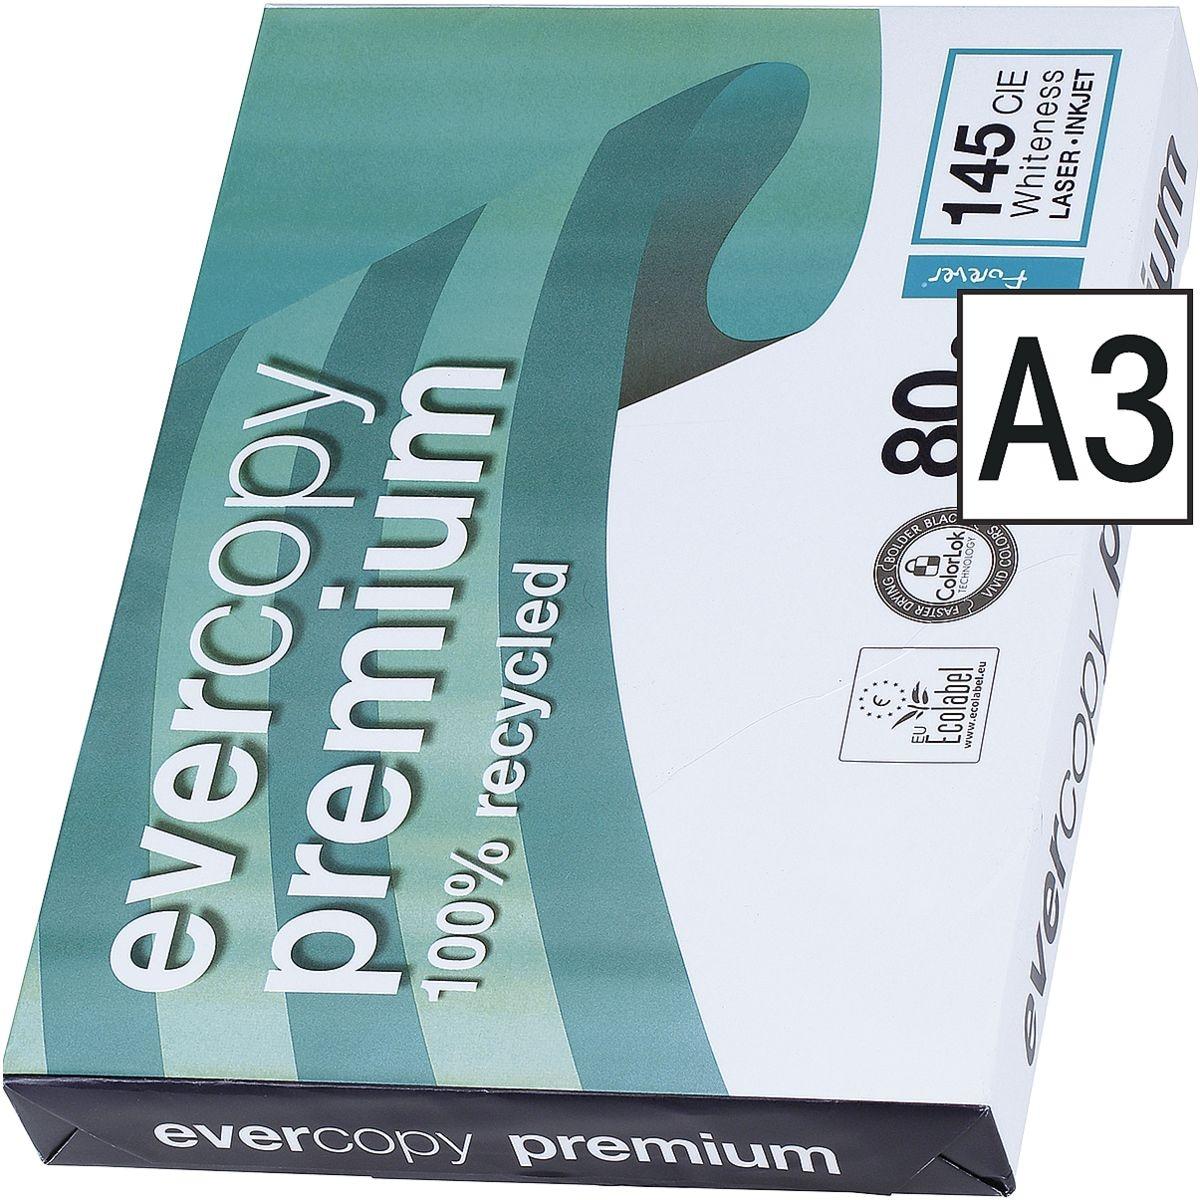 Papier photocopieur recyclé A3 Clairefontaine Everycopy Premium - 500 feuilles au total